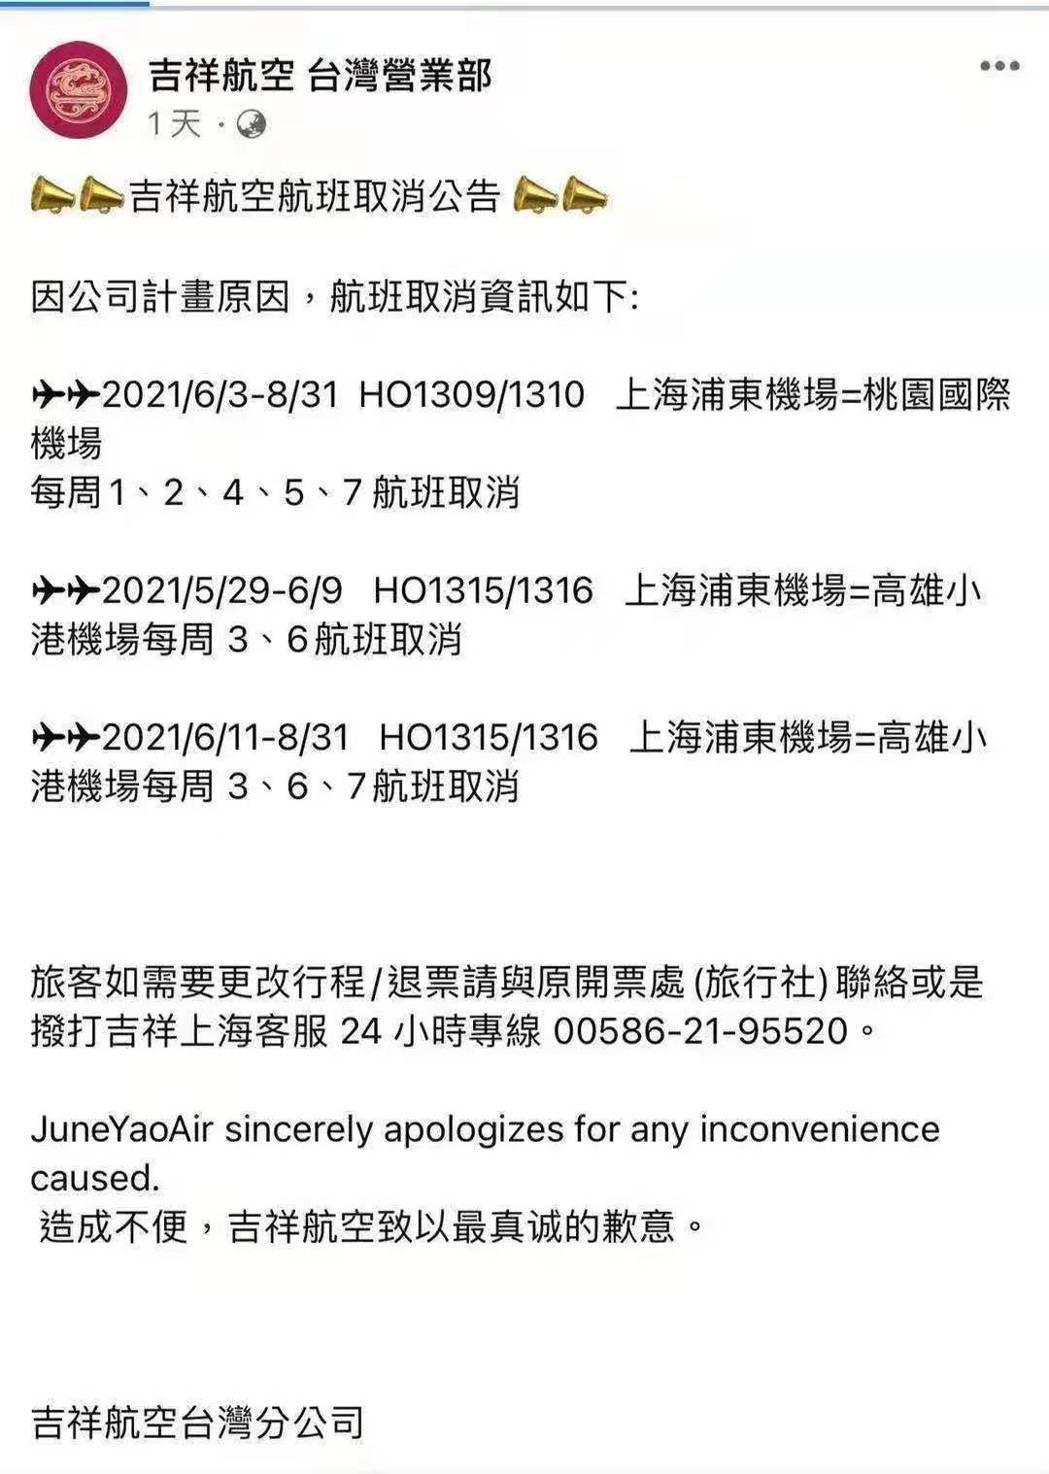 吉祥航空取消六月中旬至八月底上海往返北高直航航班。台商提供